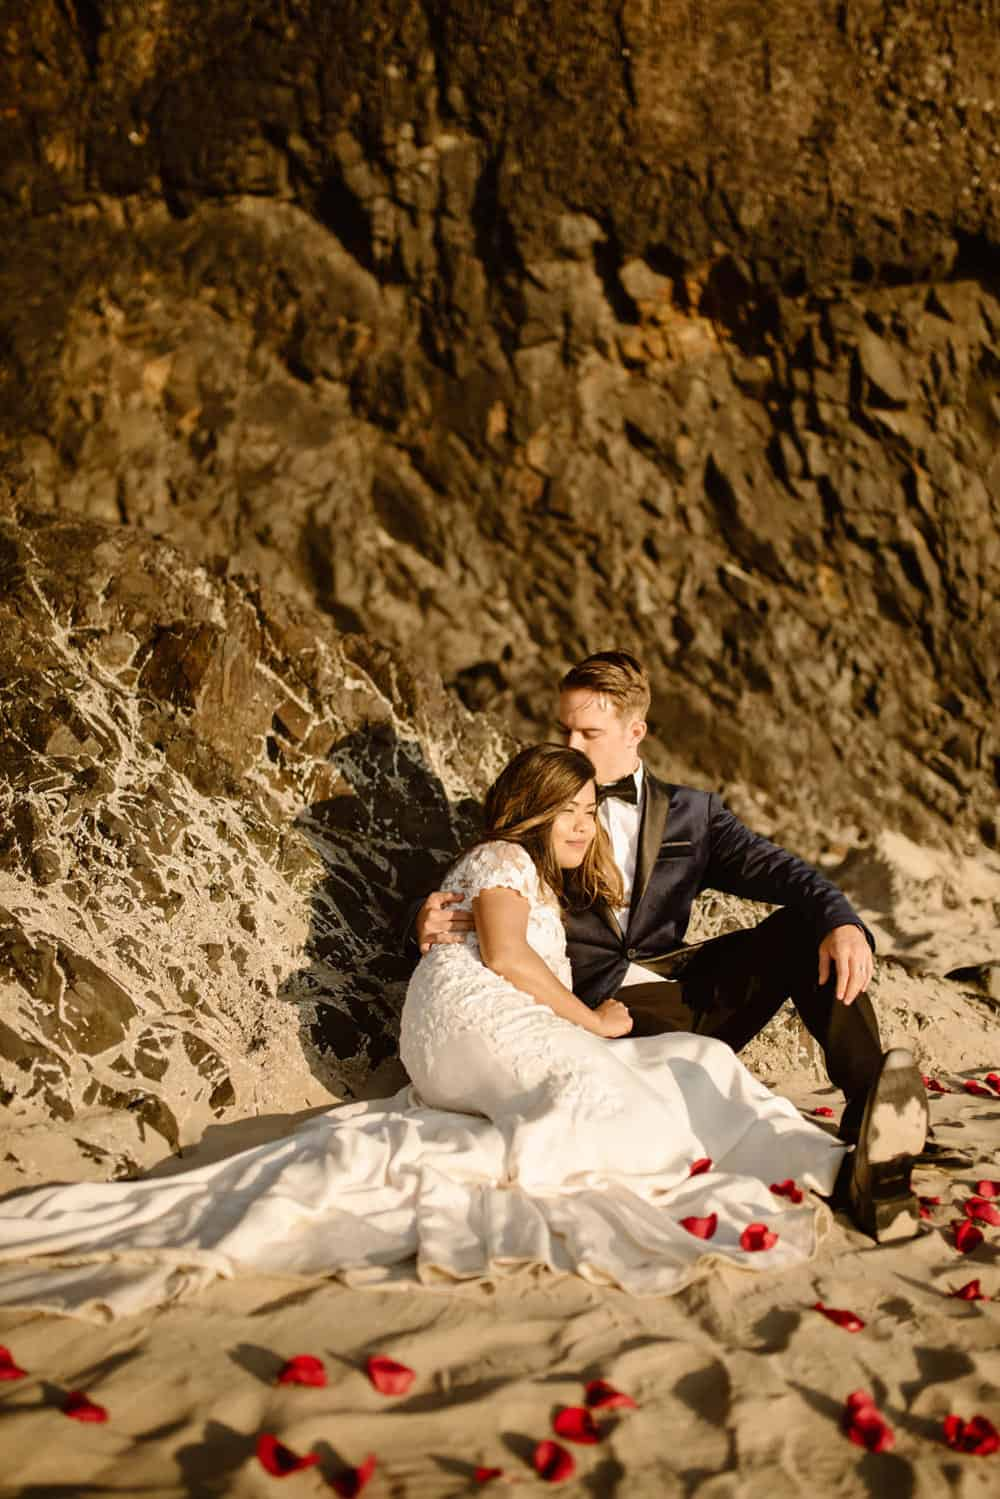 Oregon-coast-elopement-locations